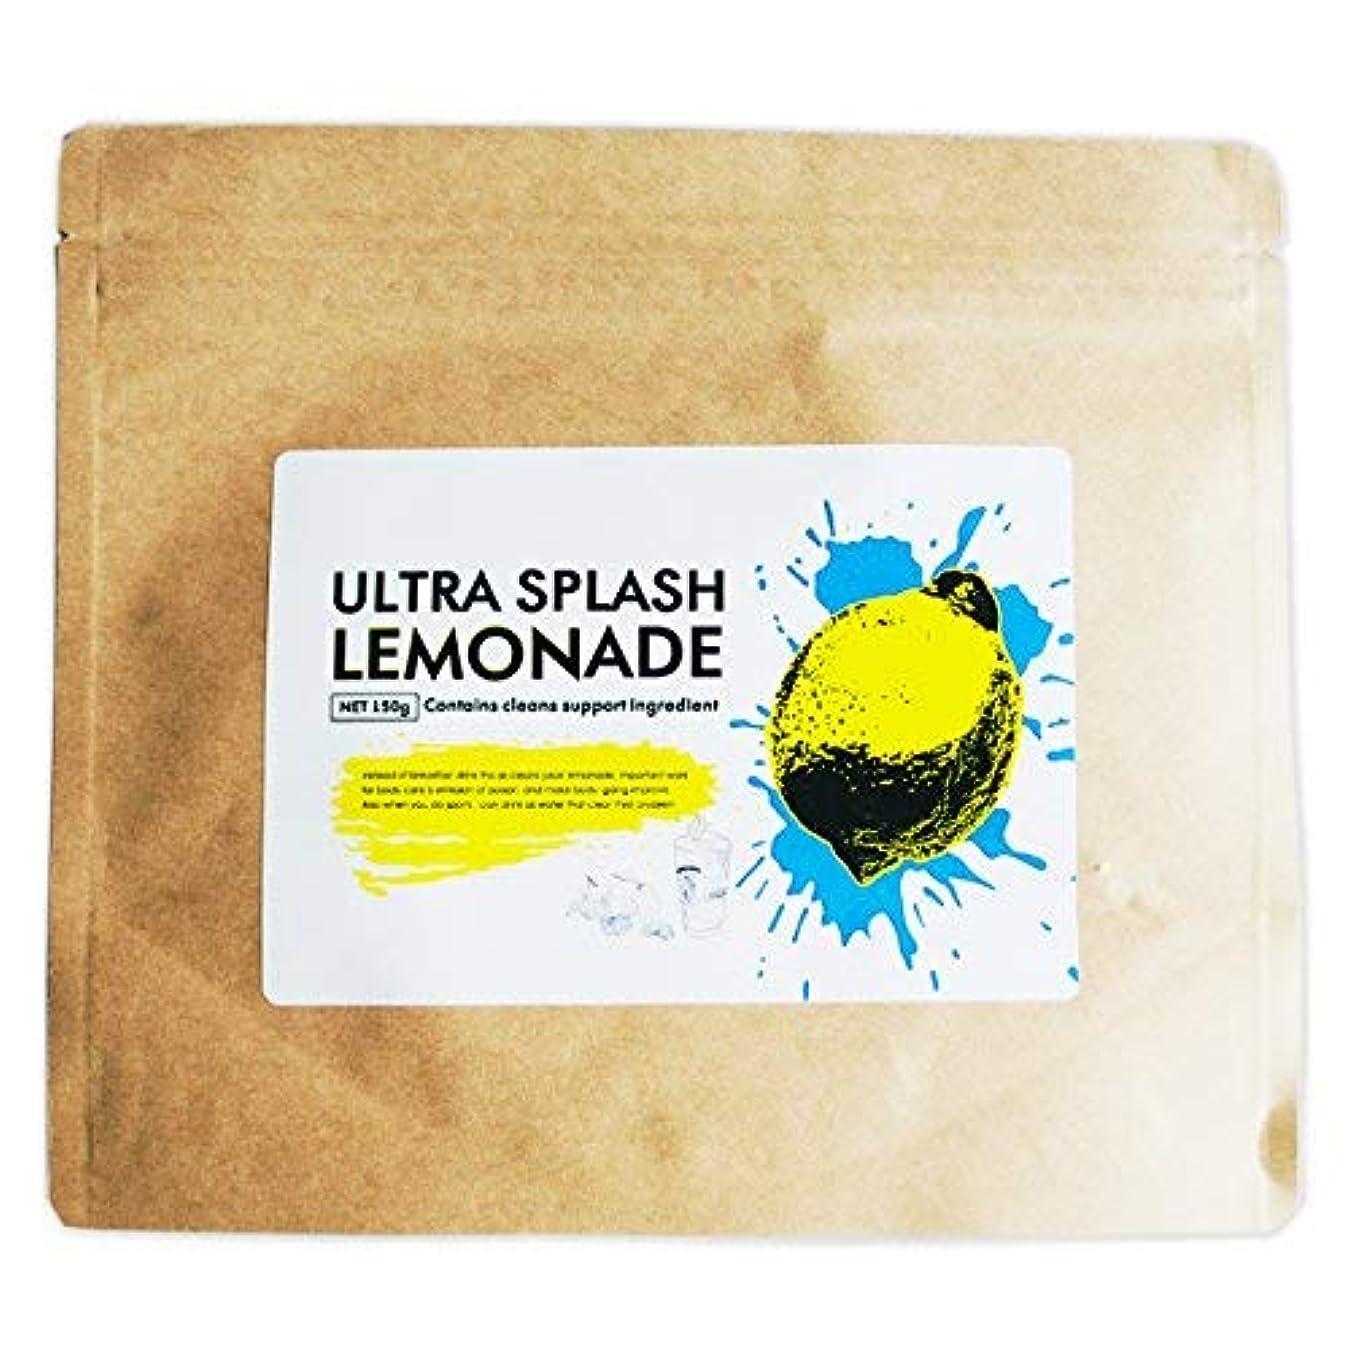 石化するずっと大胆な炭酸 レモネード クレンズジュース 7億5千個の乳酸菌 フォルスコリ デキストリン キャンドルブッシュ 172種類の 酵素 配合 150g by ULTRA SPLASH